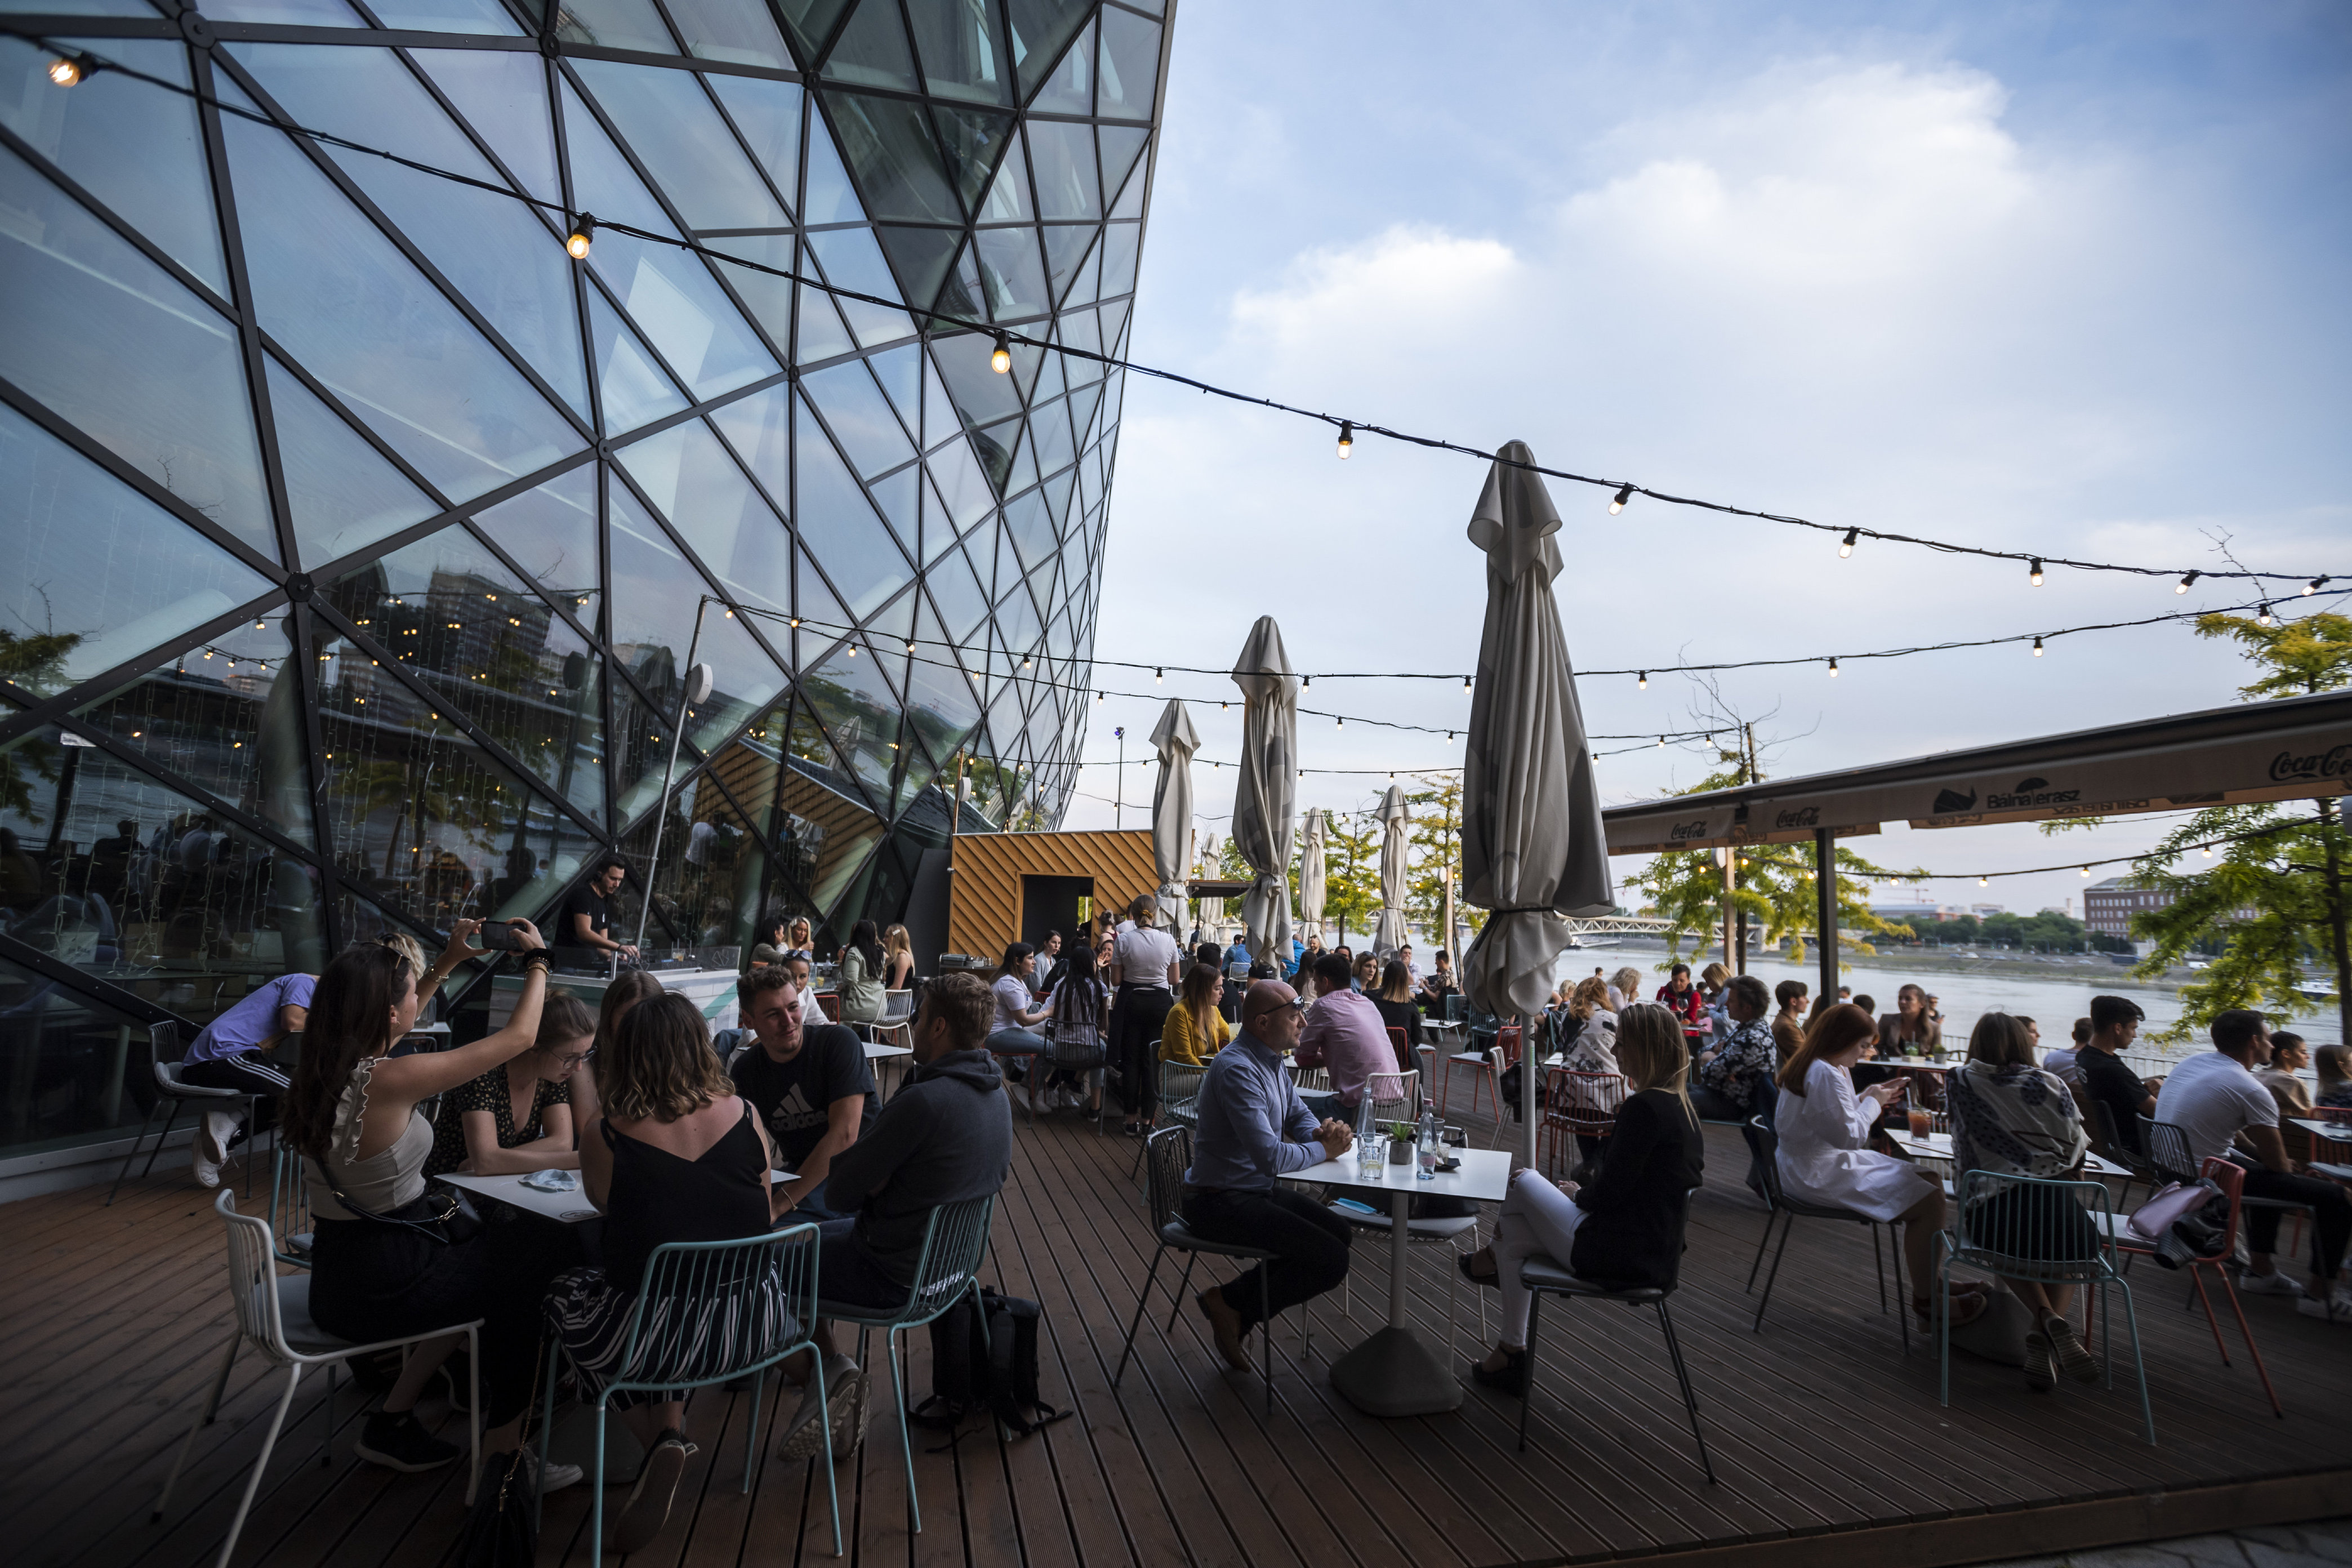 Kedvezményesen bérelhetnek önkormányzati üzlethelyiséget és használhatnak közterületet a fővárosi vendéglátósok